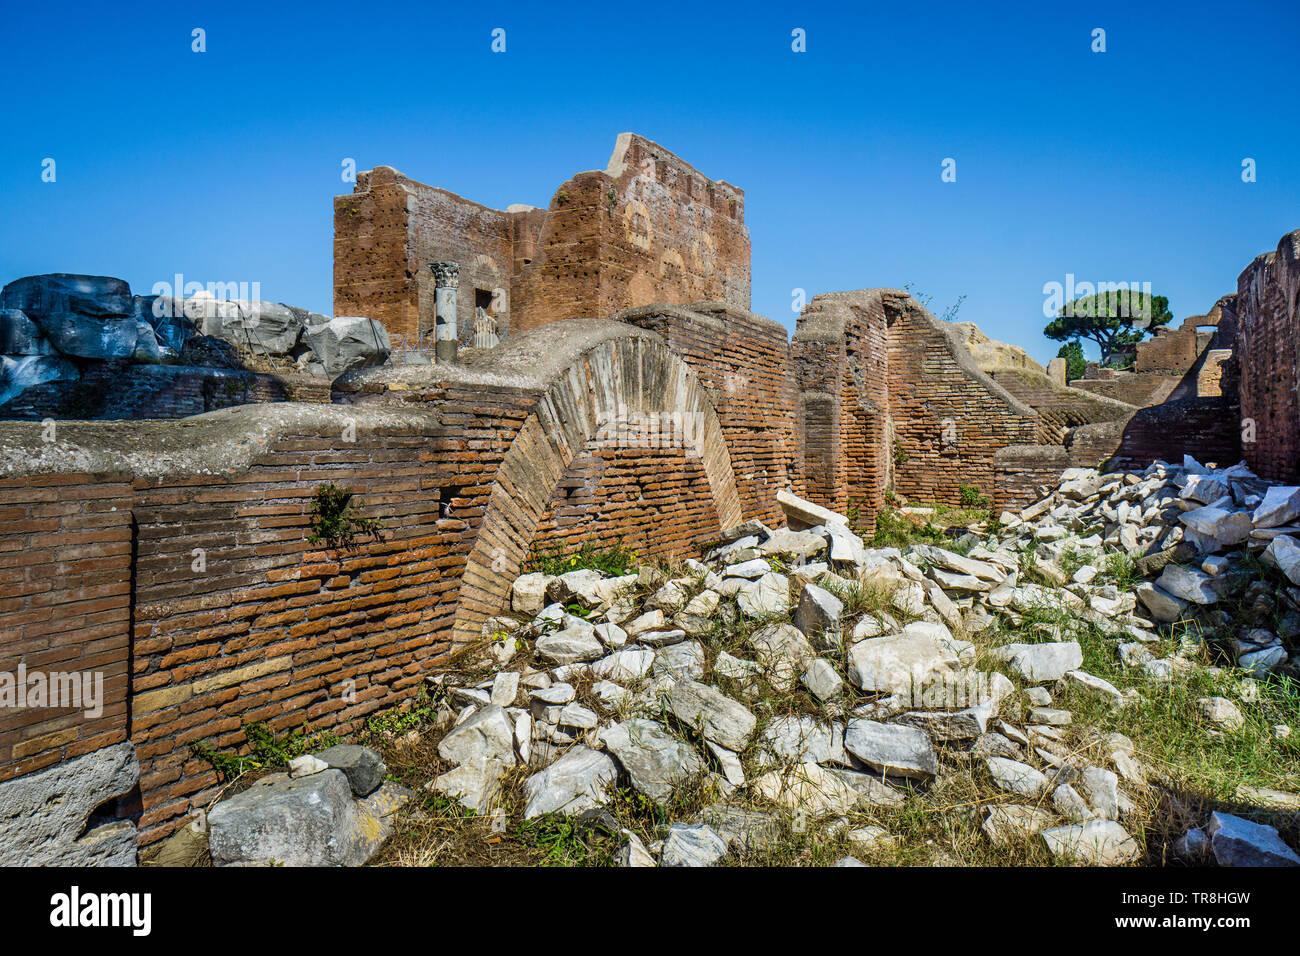 Vislumbrar el Capitolium desde las ruinas de la vecina Thermopolium en el sitio arqueológico del asentamiento romano de Ostia Antica, el ancie Foto de stock